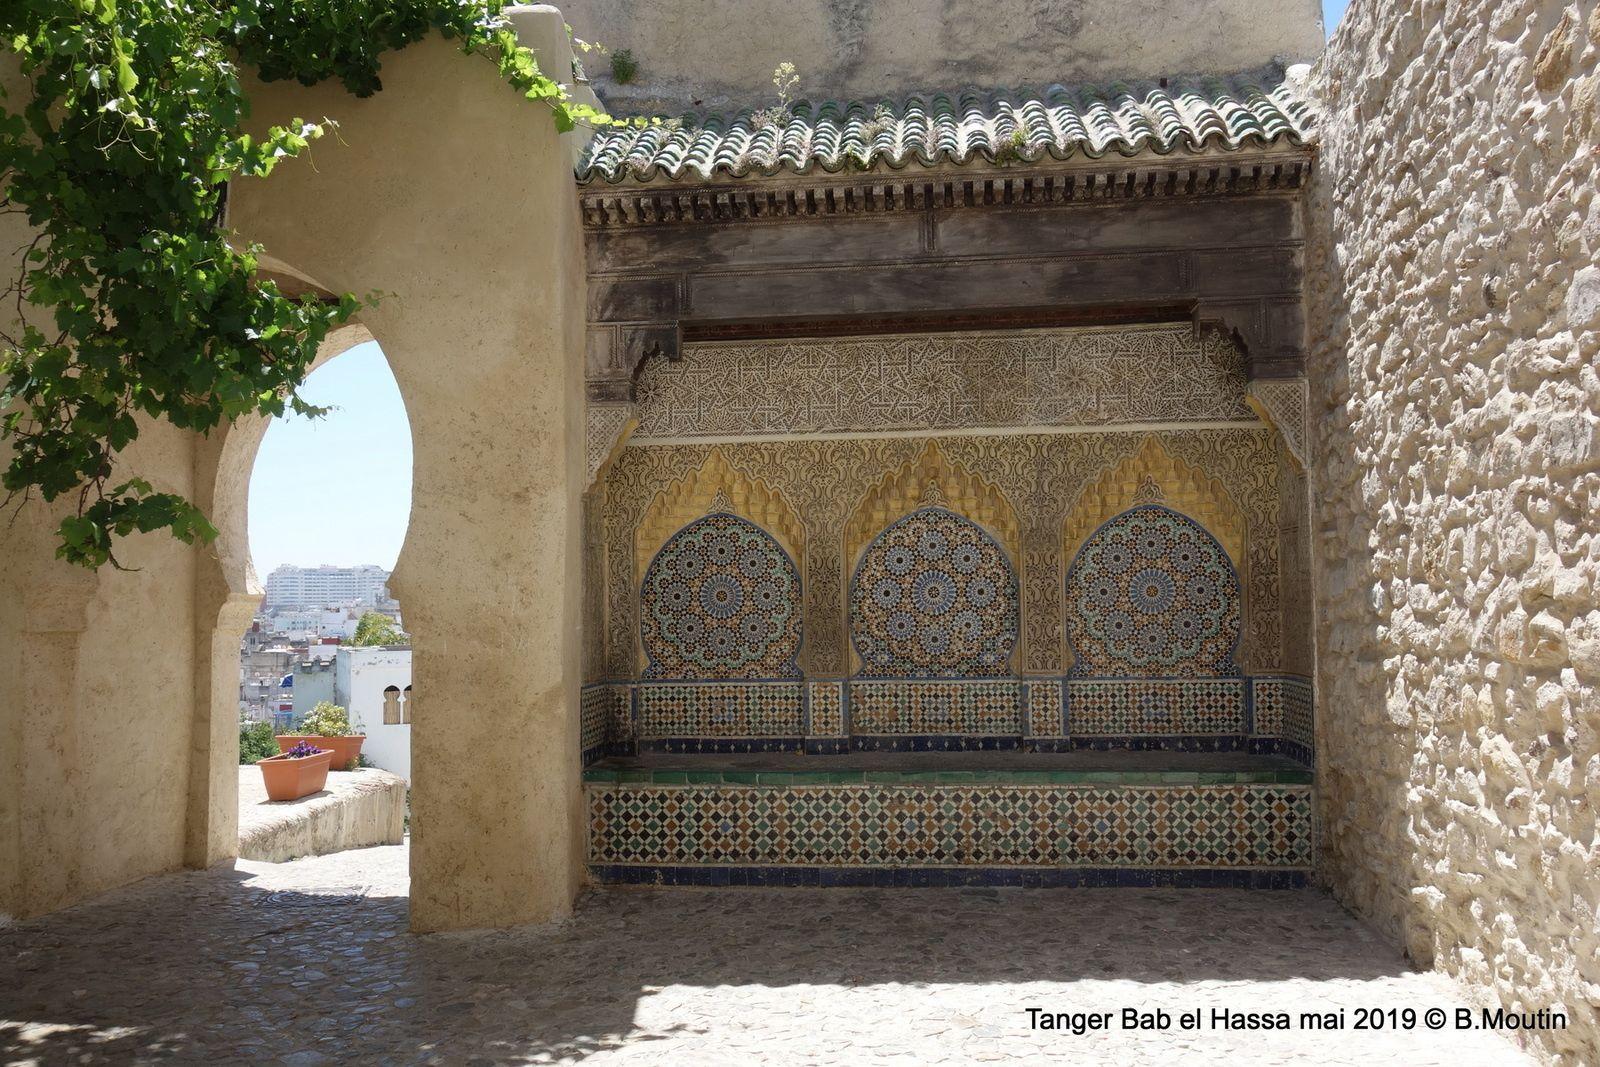 Tanger en 15 photos (ma sélection du mois de mai 2019)